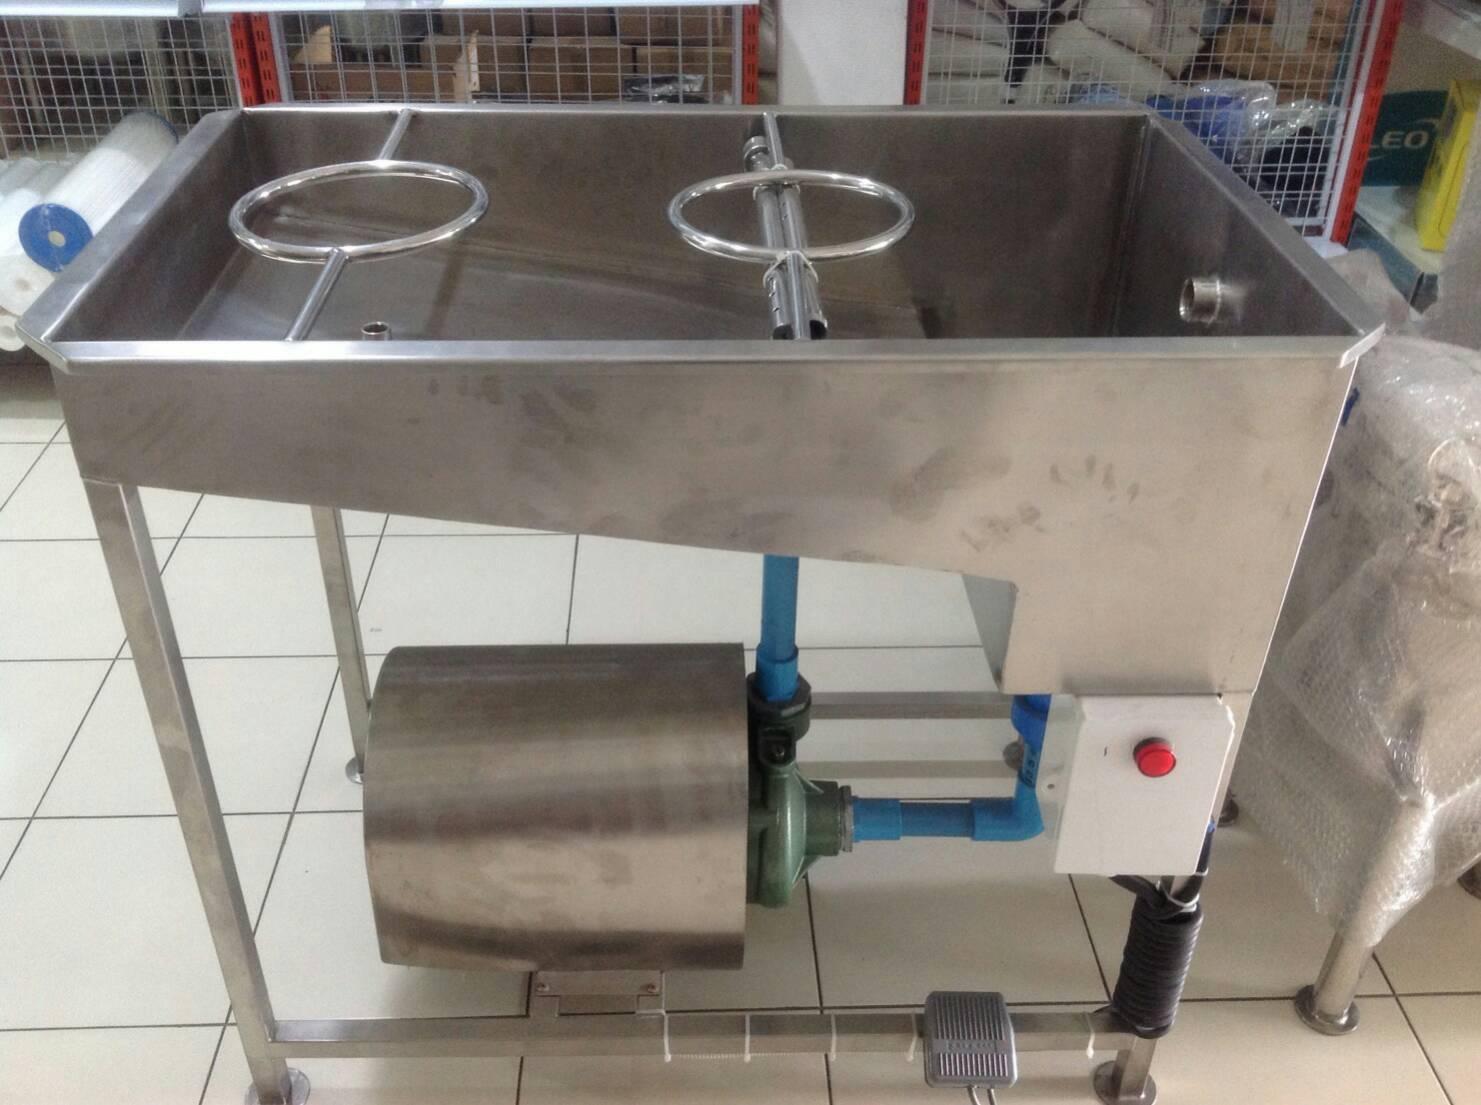 เครื่องล้างขวด + ล้างถังภายใน แบบ 2 in 1